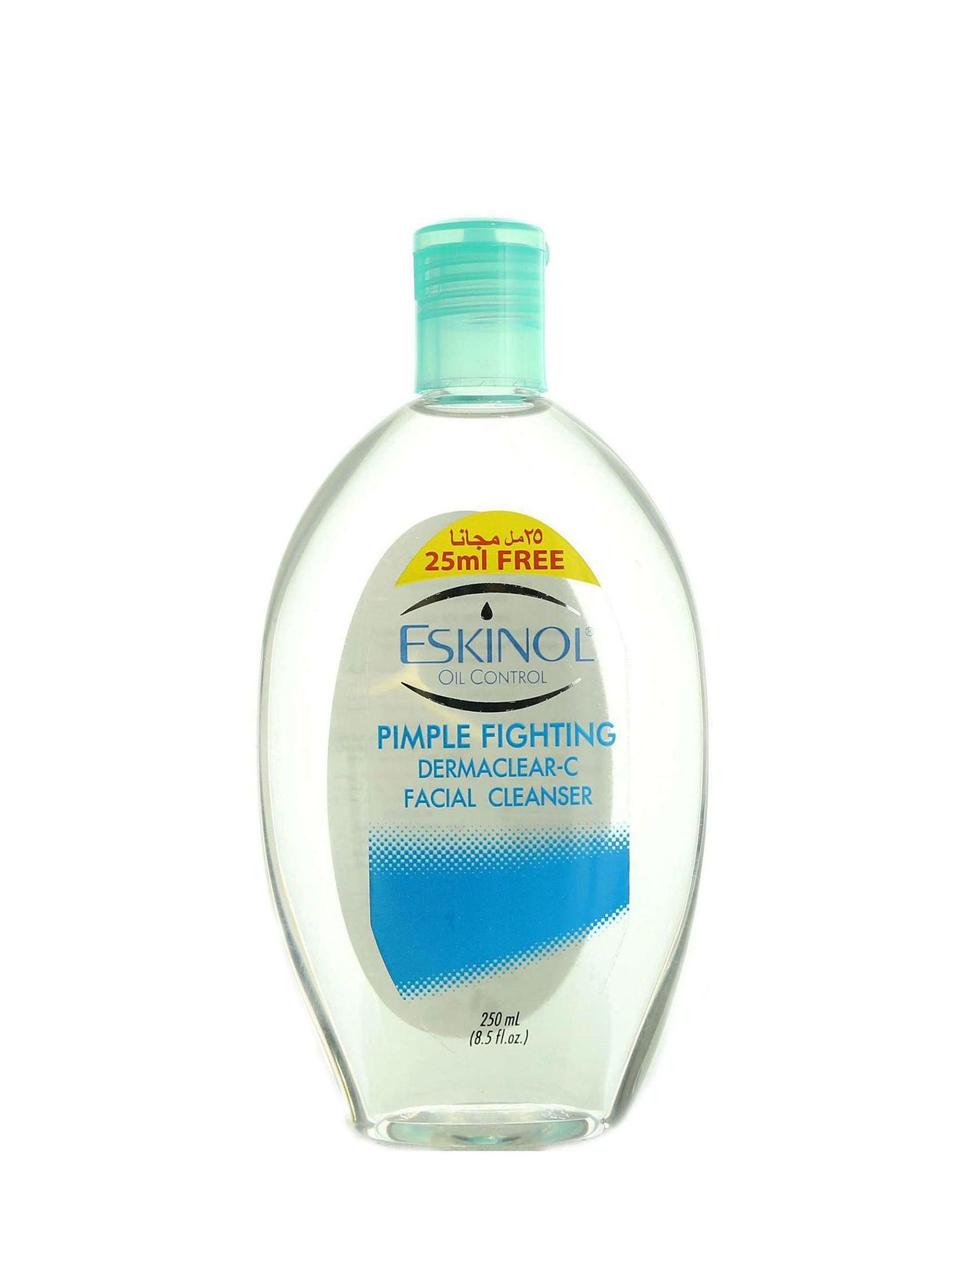 Eskinol Pimple Fighting 255ml